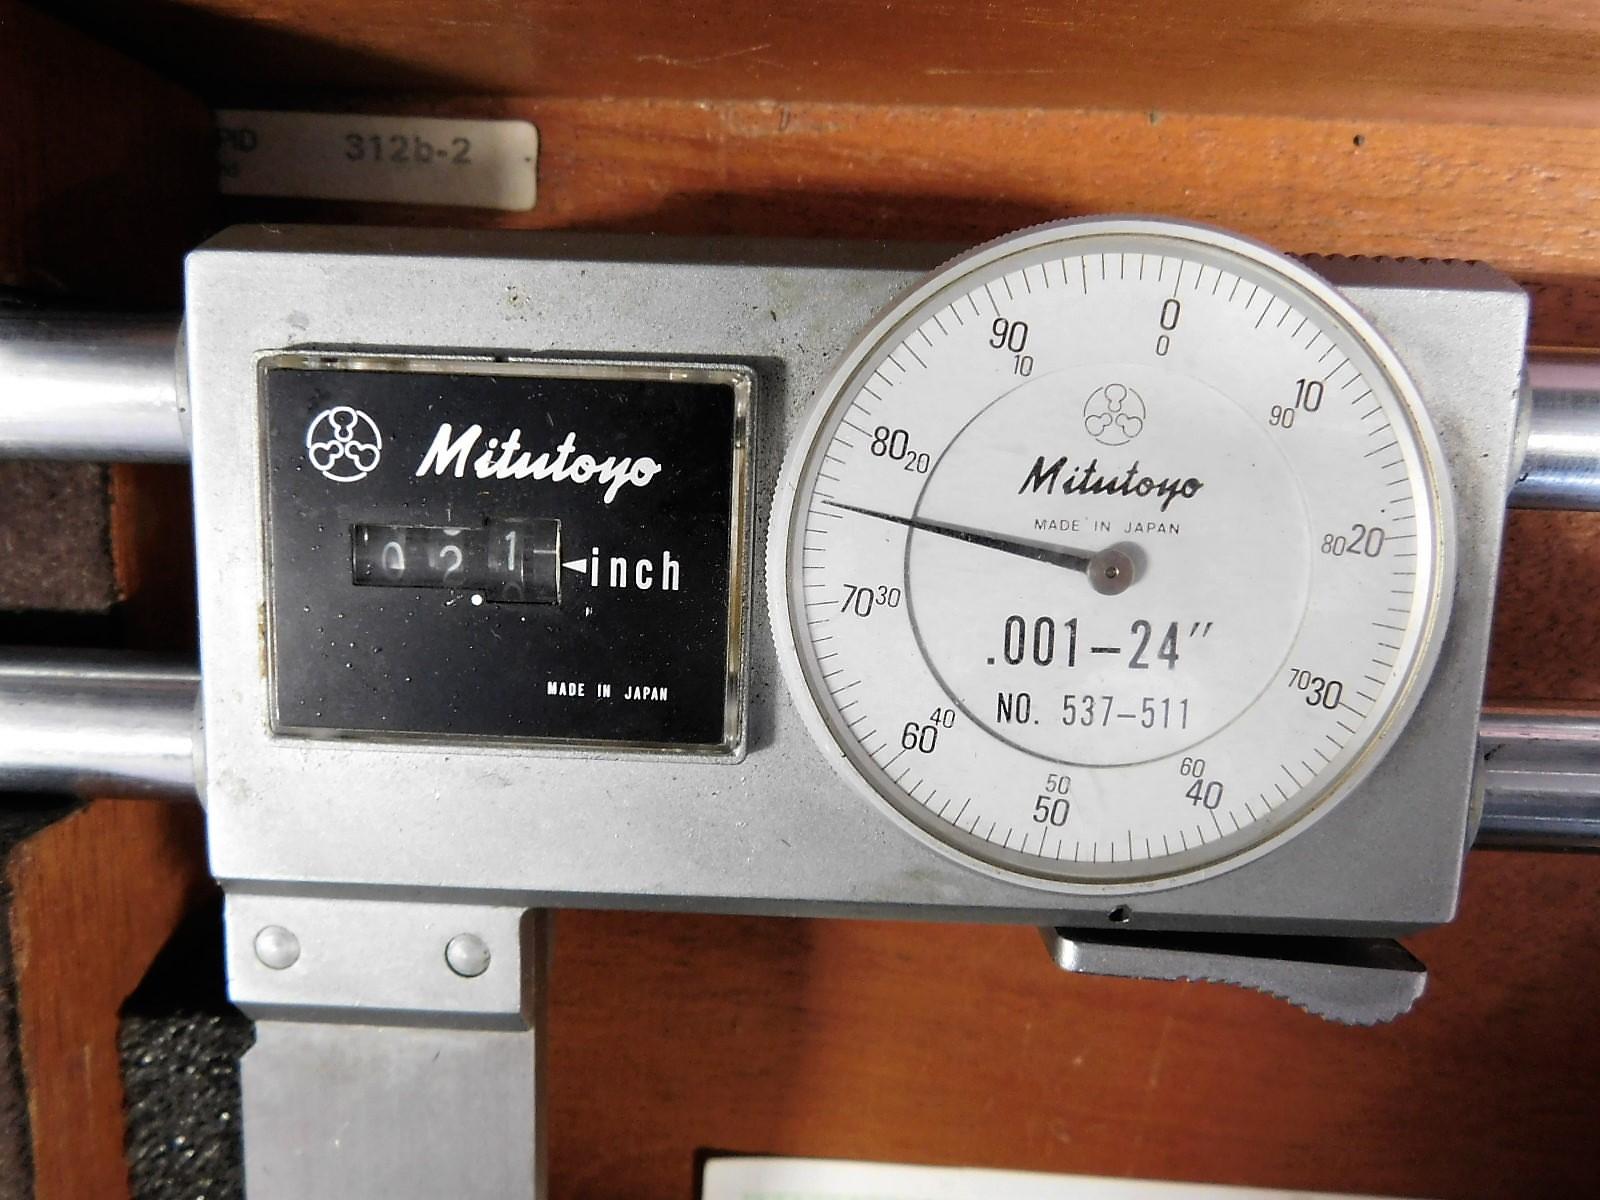 """Lot 49 - MITUTOYO NO. 537-511, DIGIT DIAL 0-24"""" INSIDE CALIPER, W/ CASE"""